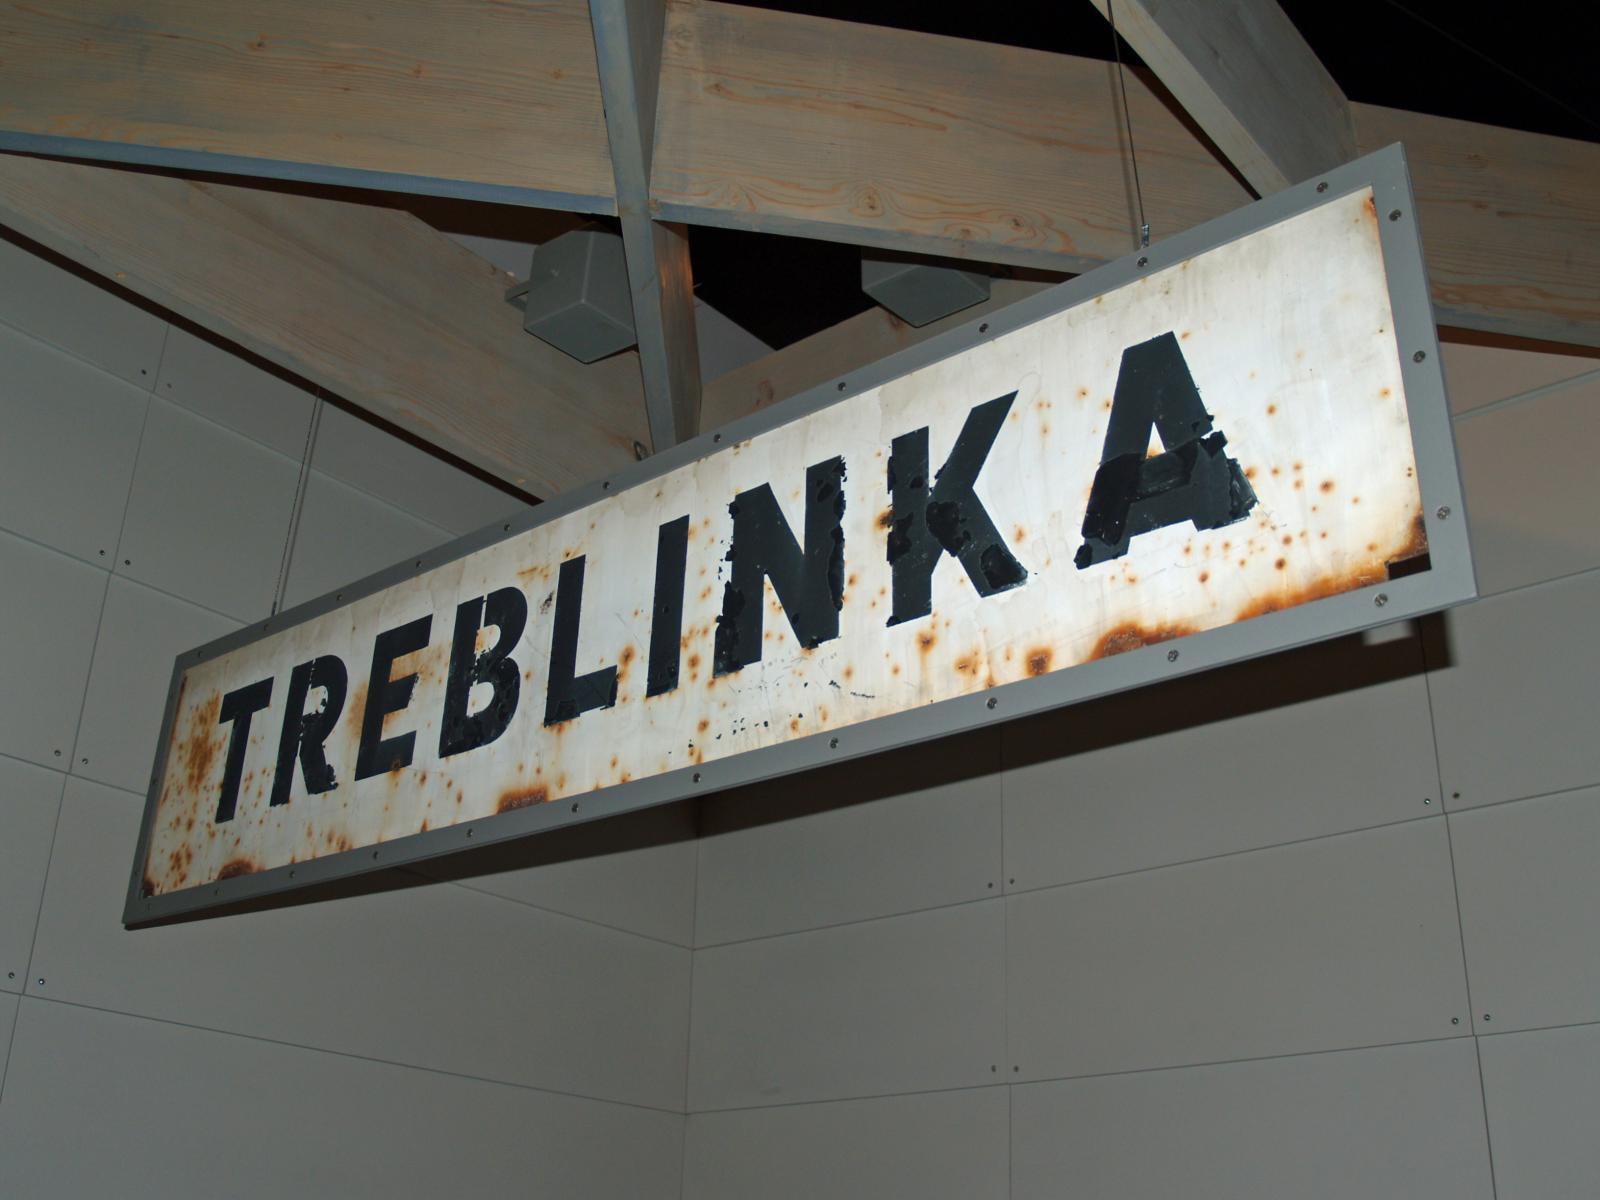 Cedule na železniční zastávce Treblinka, kde nacisté zřídili tábor smrti